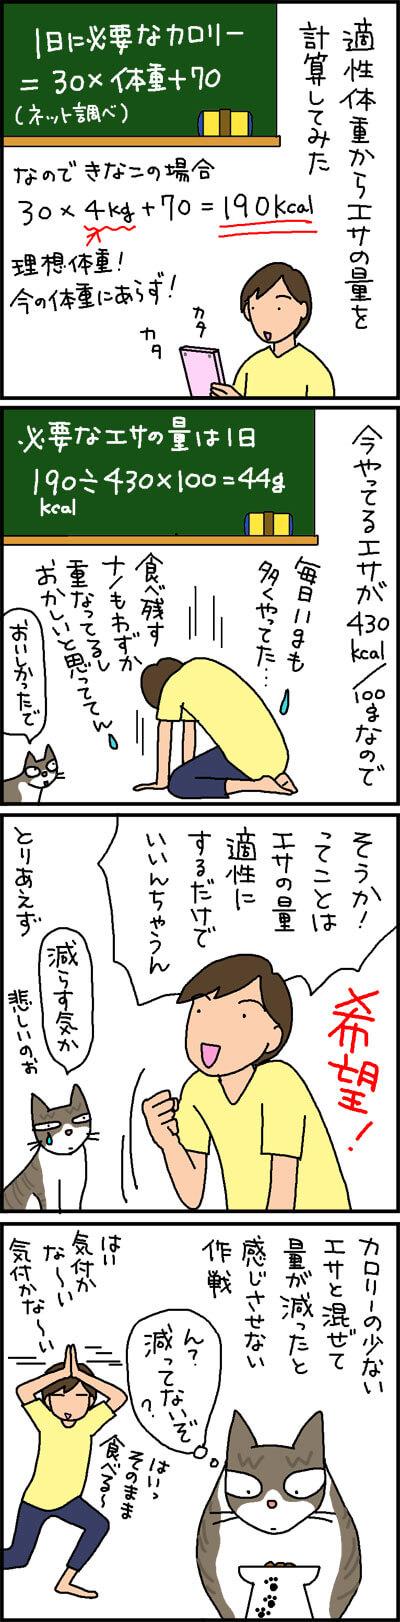 猫のダイエット1日の必要量を求める4コマ猫漫画